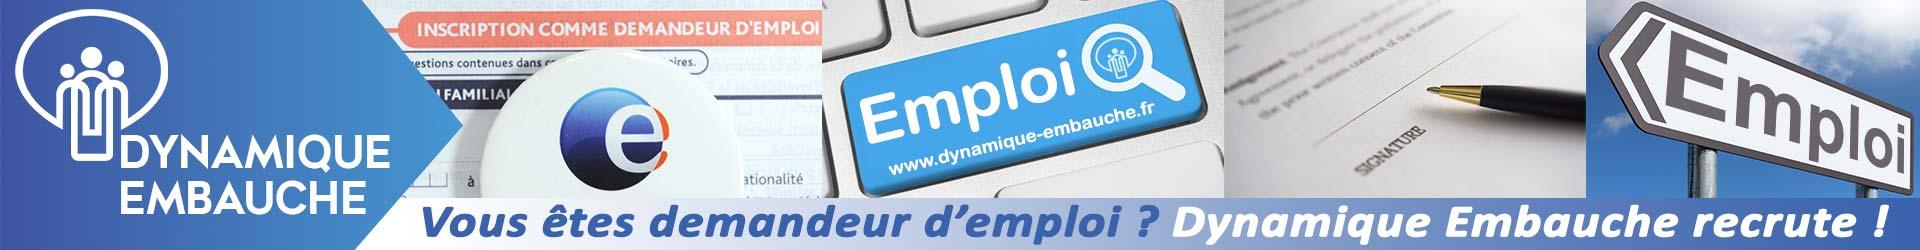 Vous êtes demandeur d'emploi en Essonne ? Dynamique Embauche recrute ! Cliquez ici pour plus d'informations.